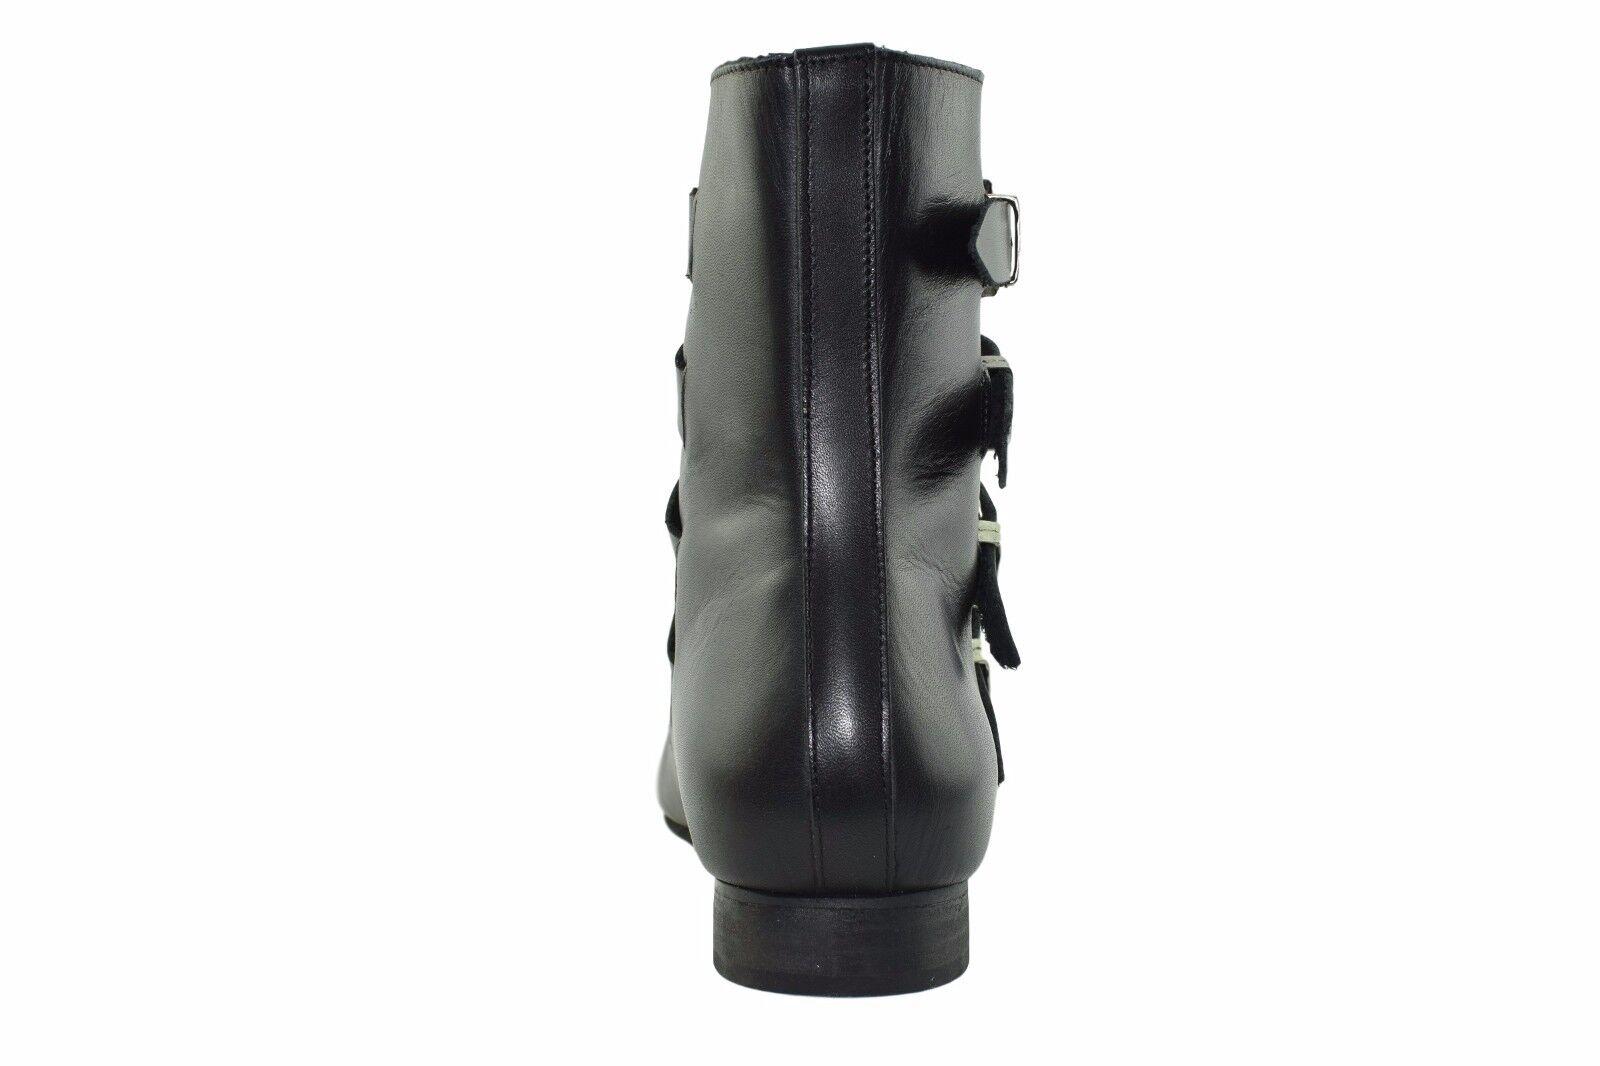 Steel Ground Black Leather Western Winklepicker Rock Boots 4 Straps Western Leather Buckle 4cba29